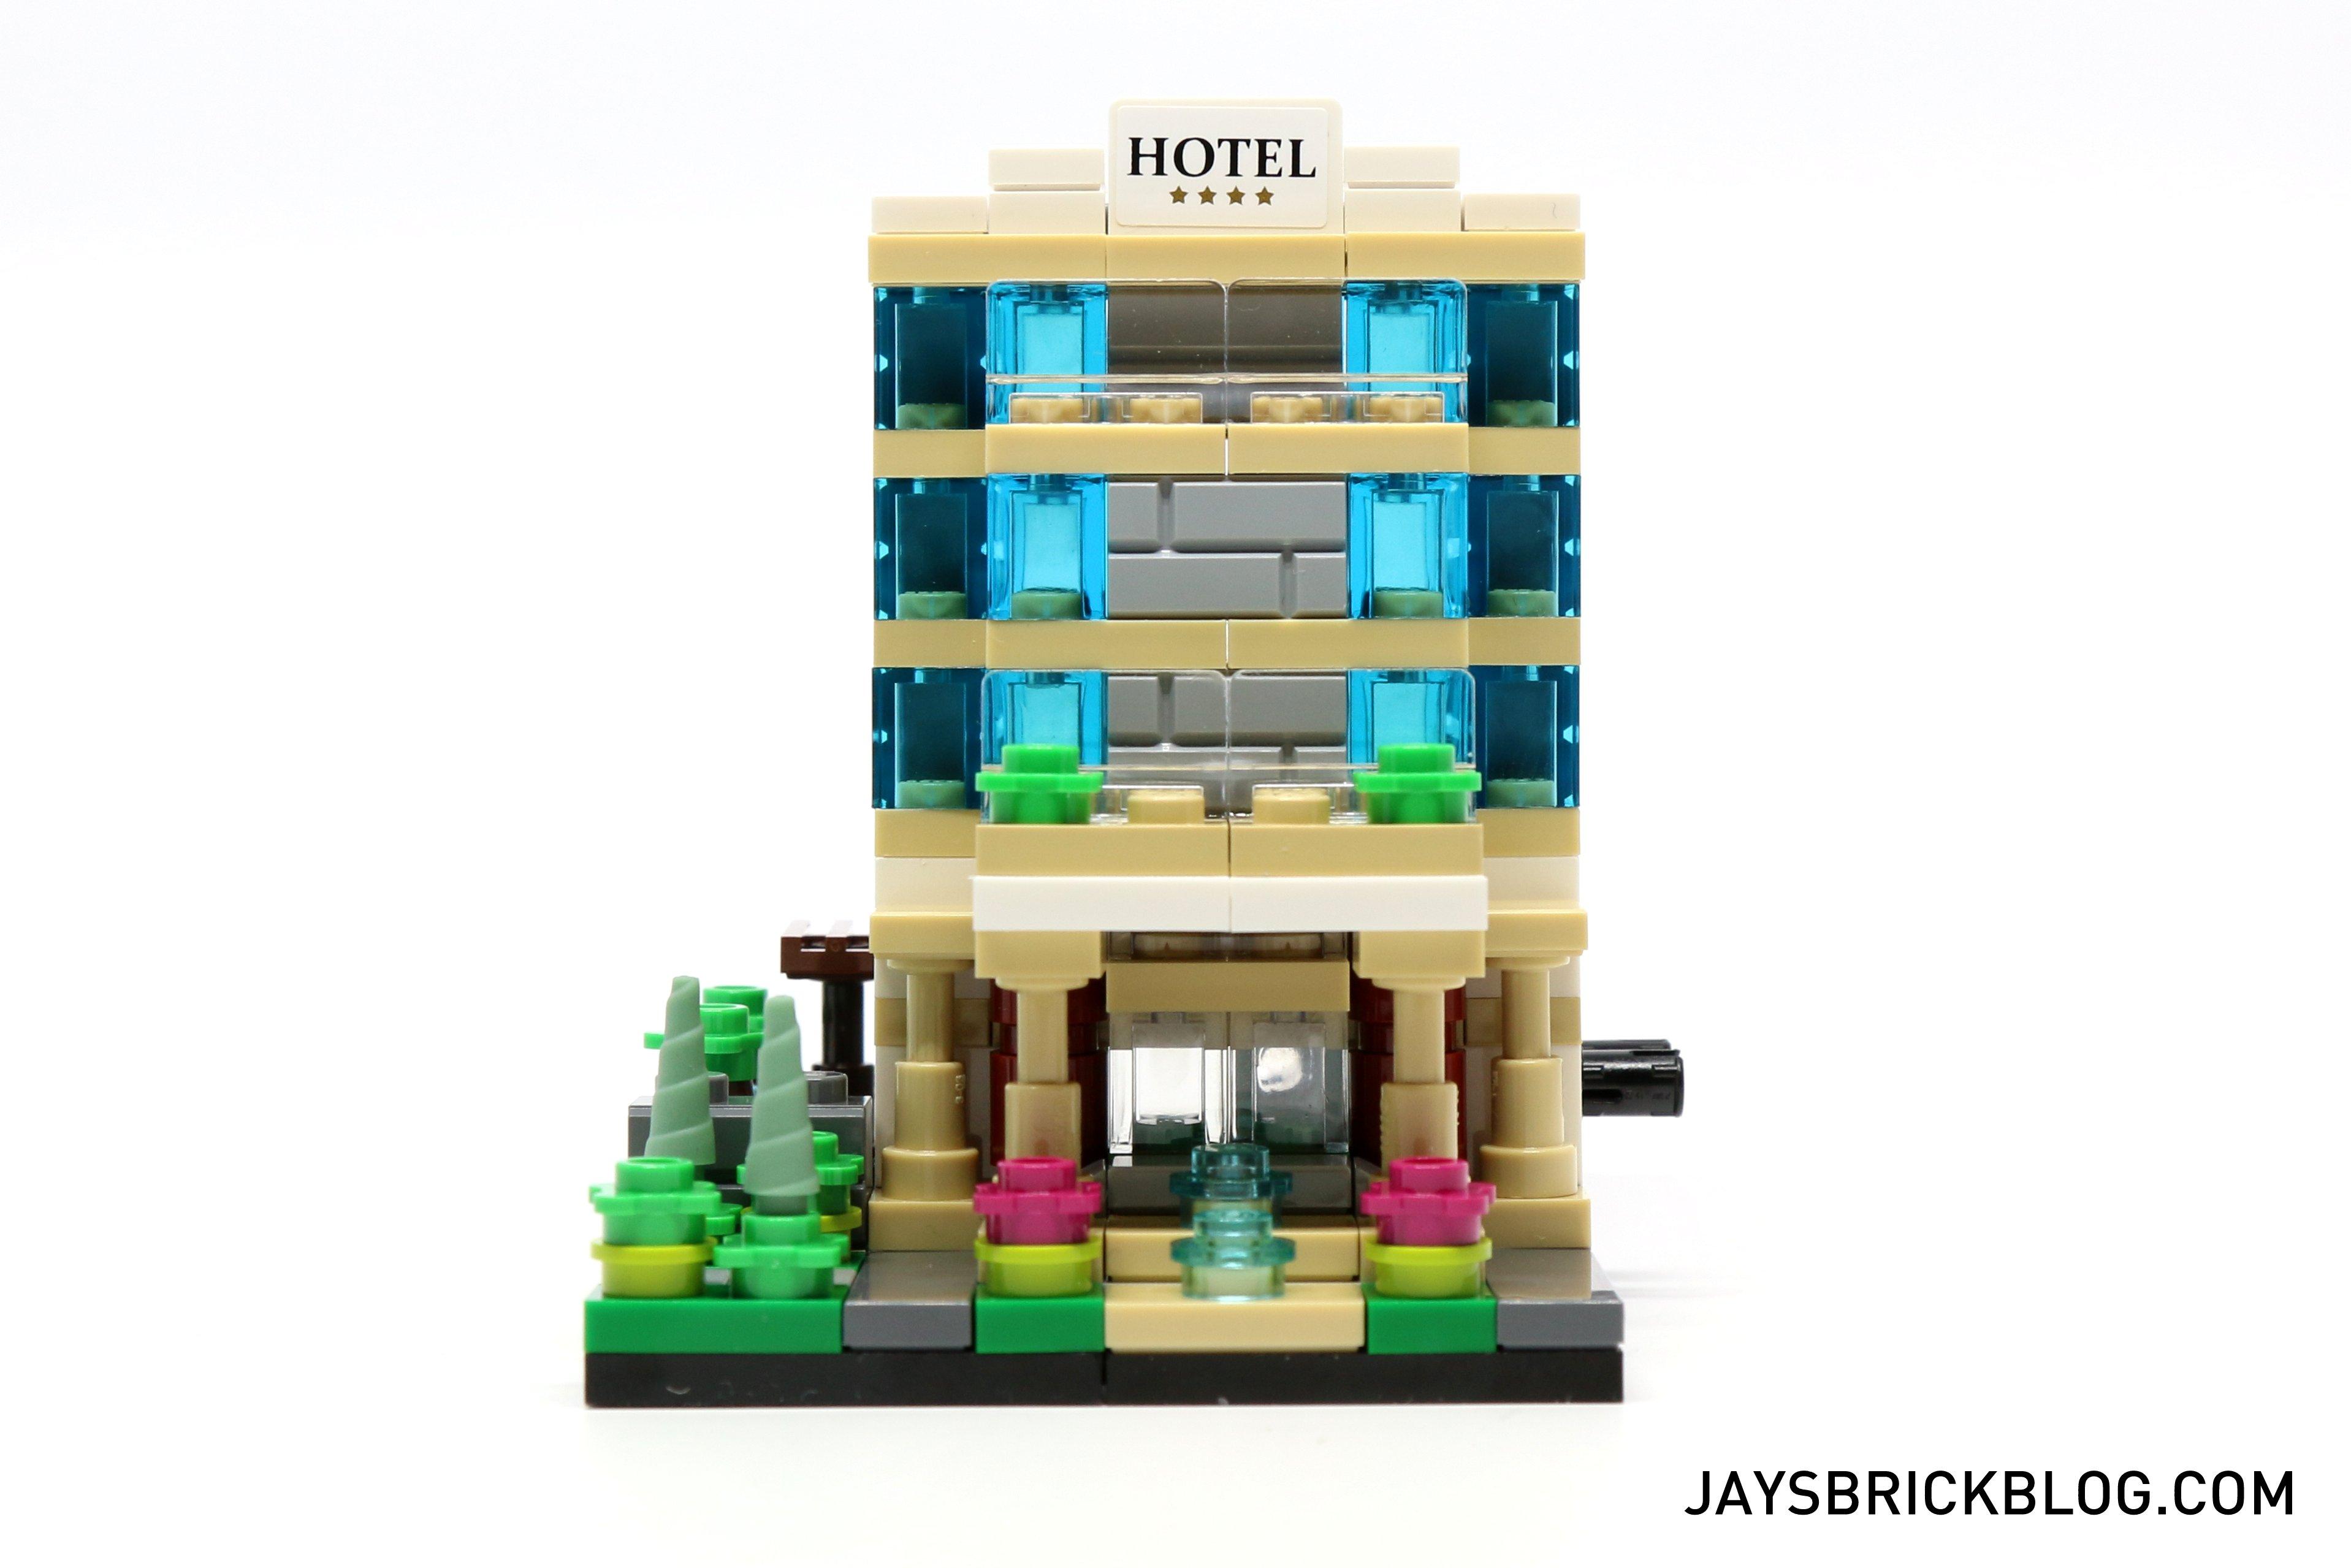 lego tru bricktober 2015 hotel front view